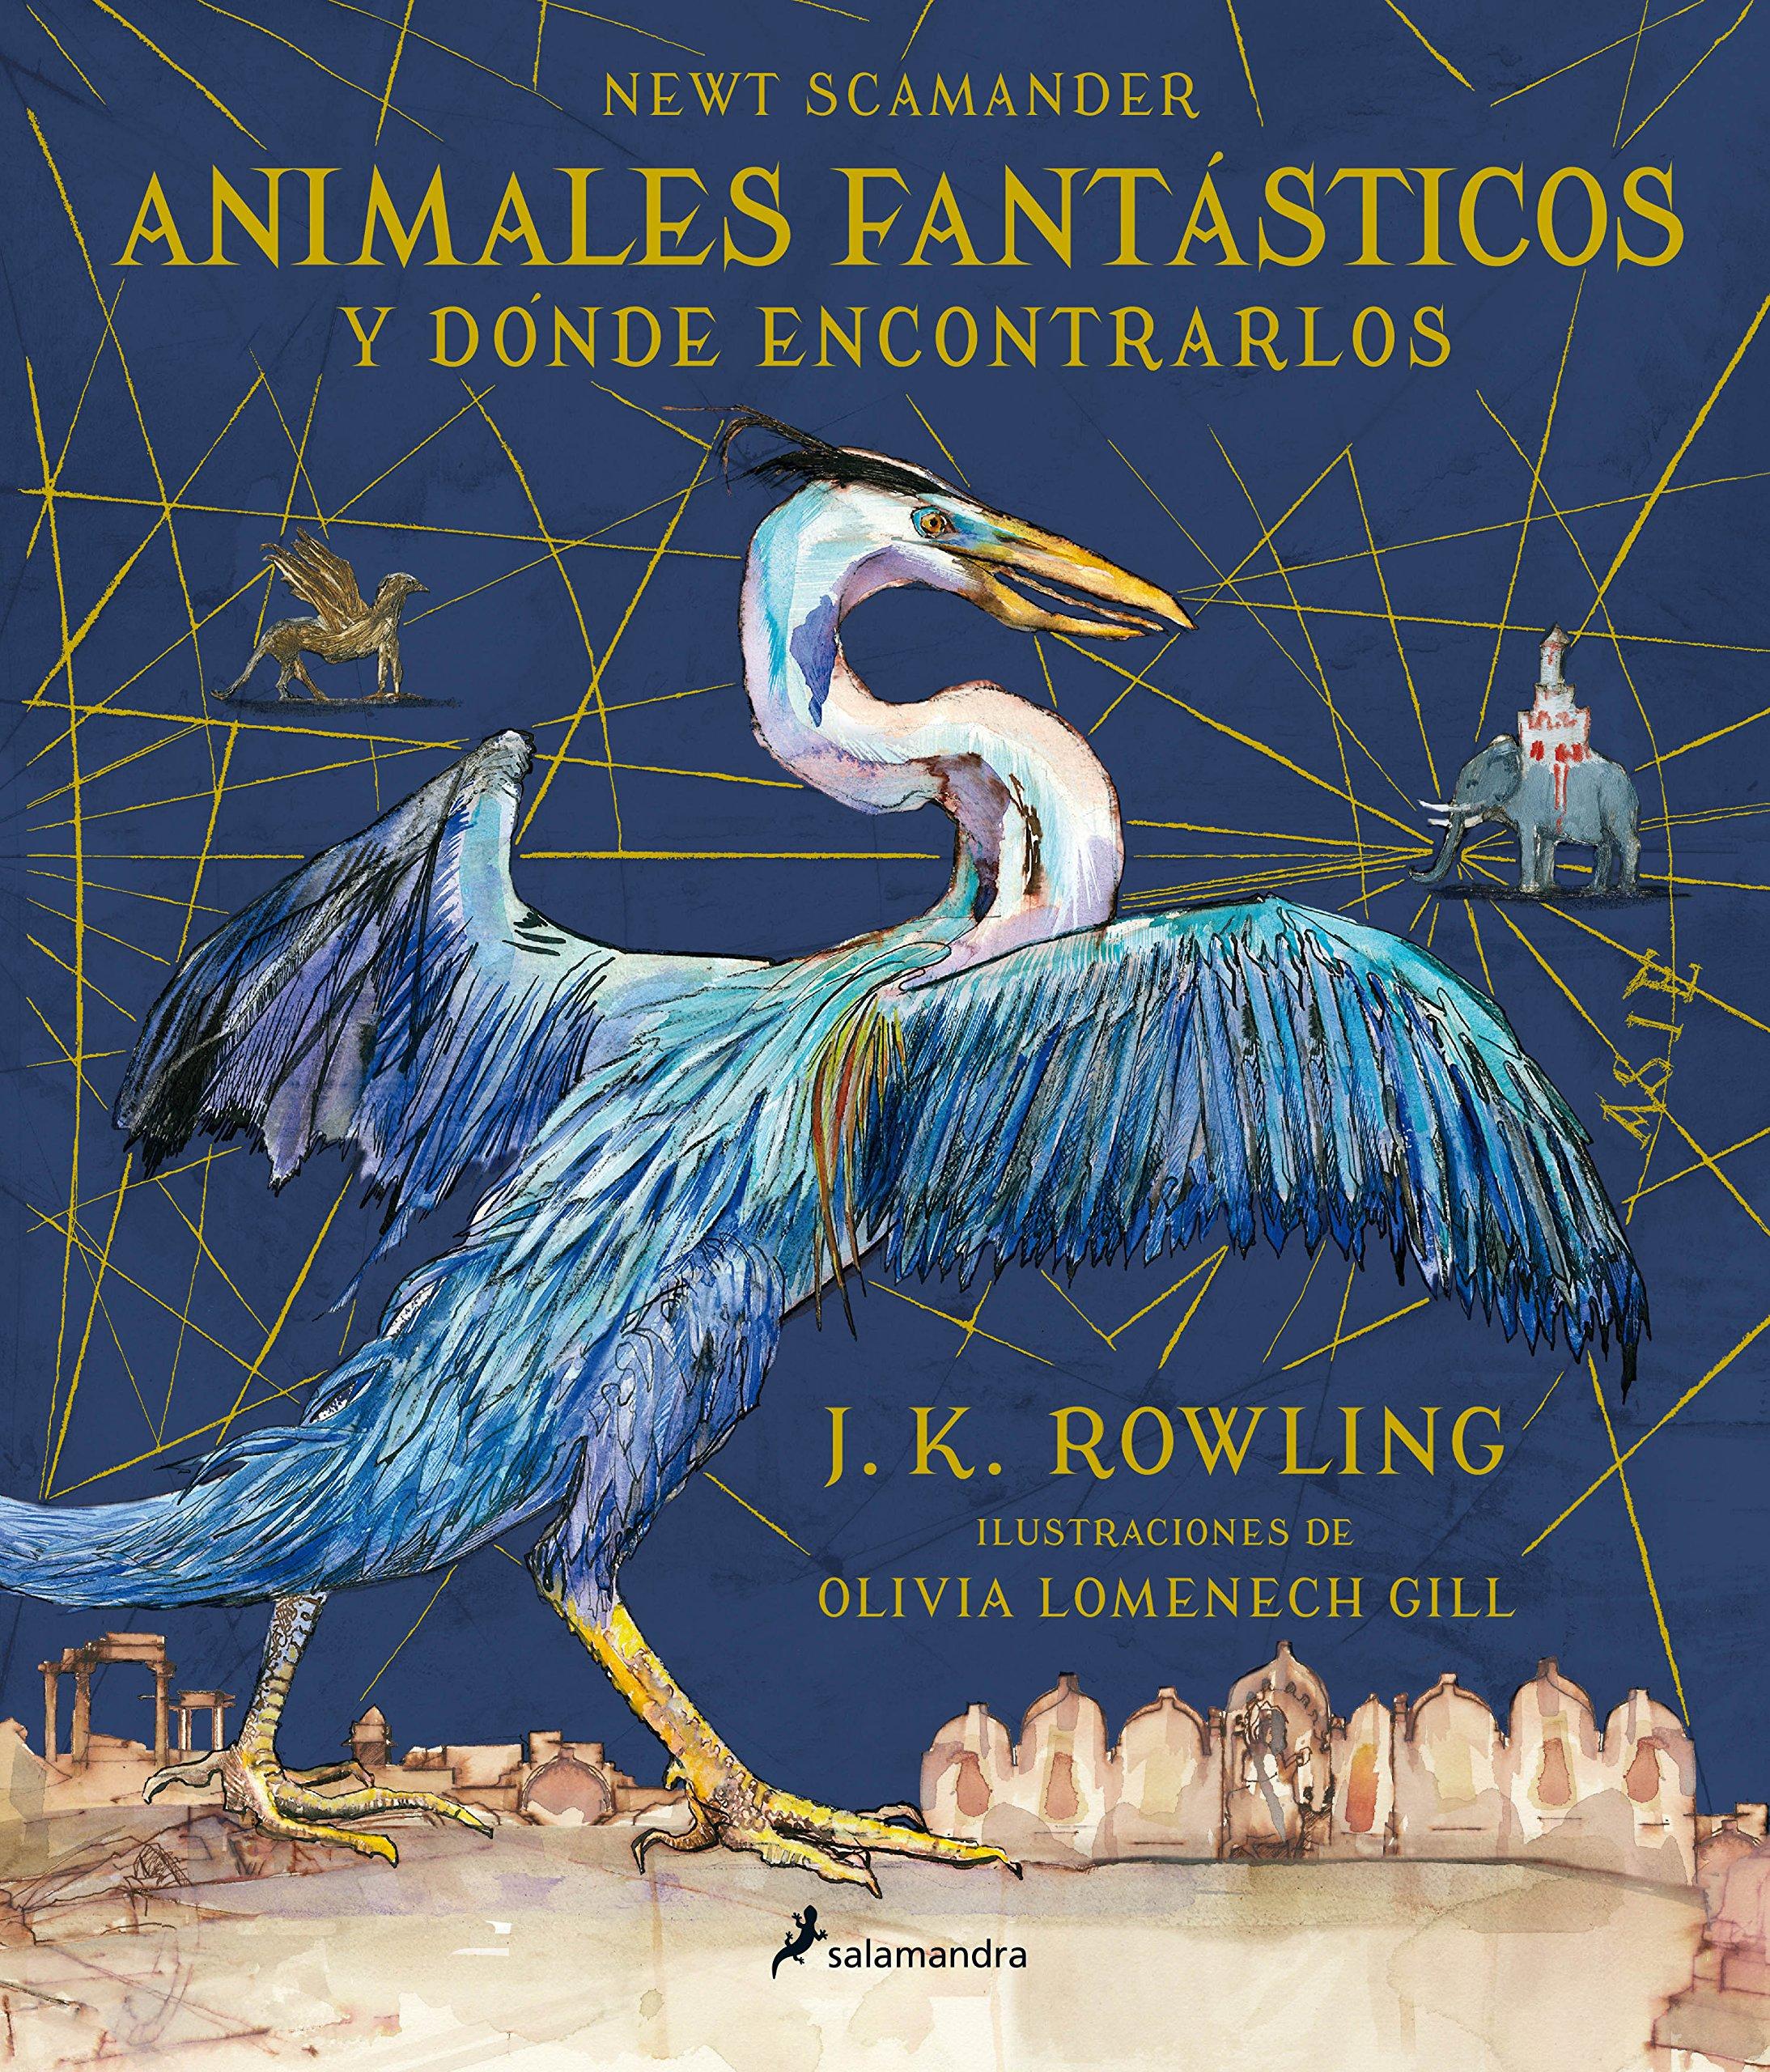 Animales fantásticos y dónde encontrarlos (Ilustrado) (Spanish Edition): J.  K. Rowling: 9788498388237: Amazon.com: Books